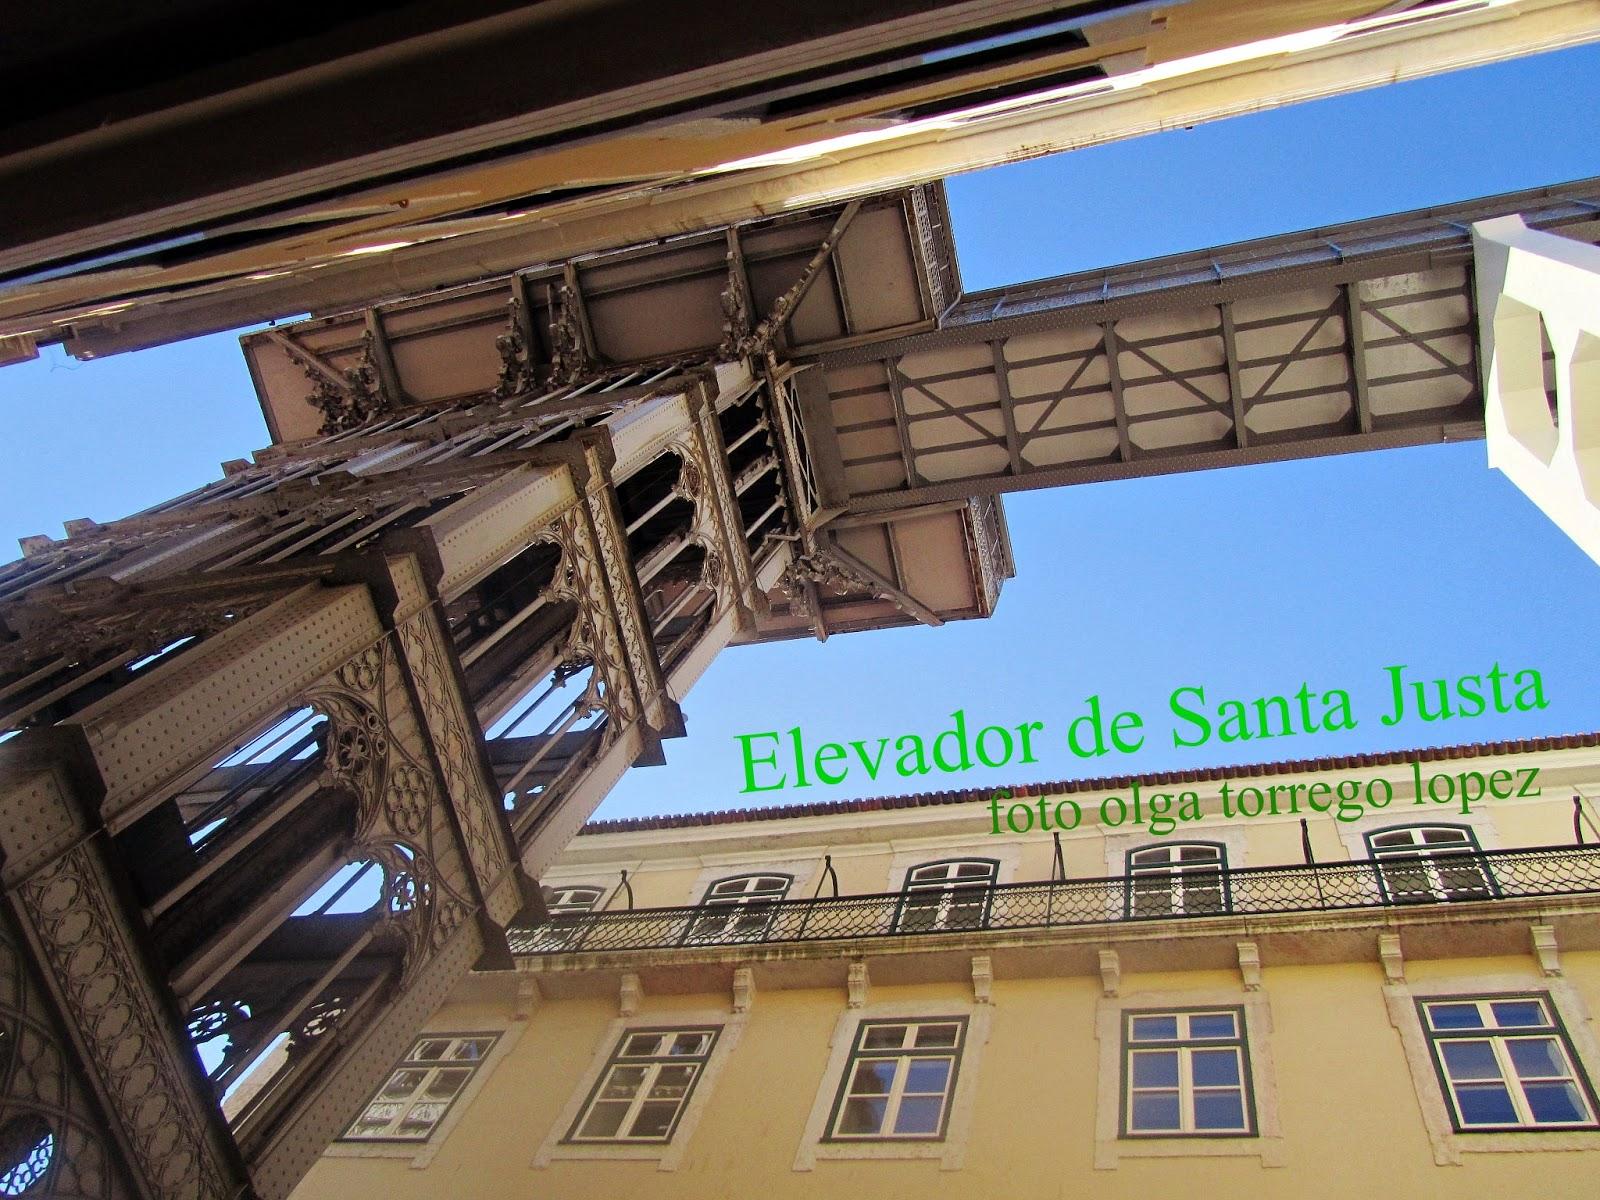 Lisboa Elevador Santa Justa Viajes Para Recordar